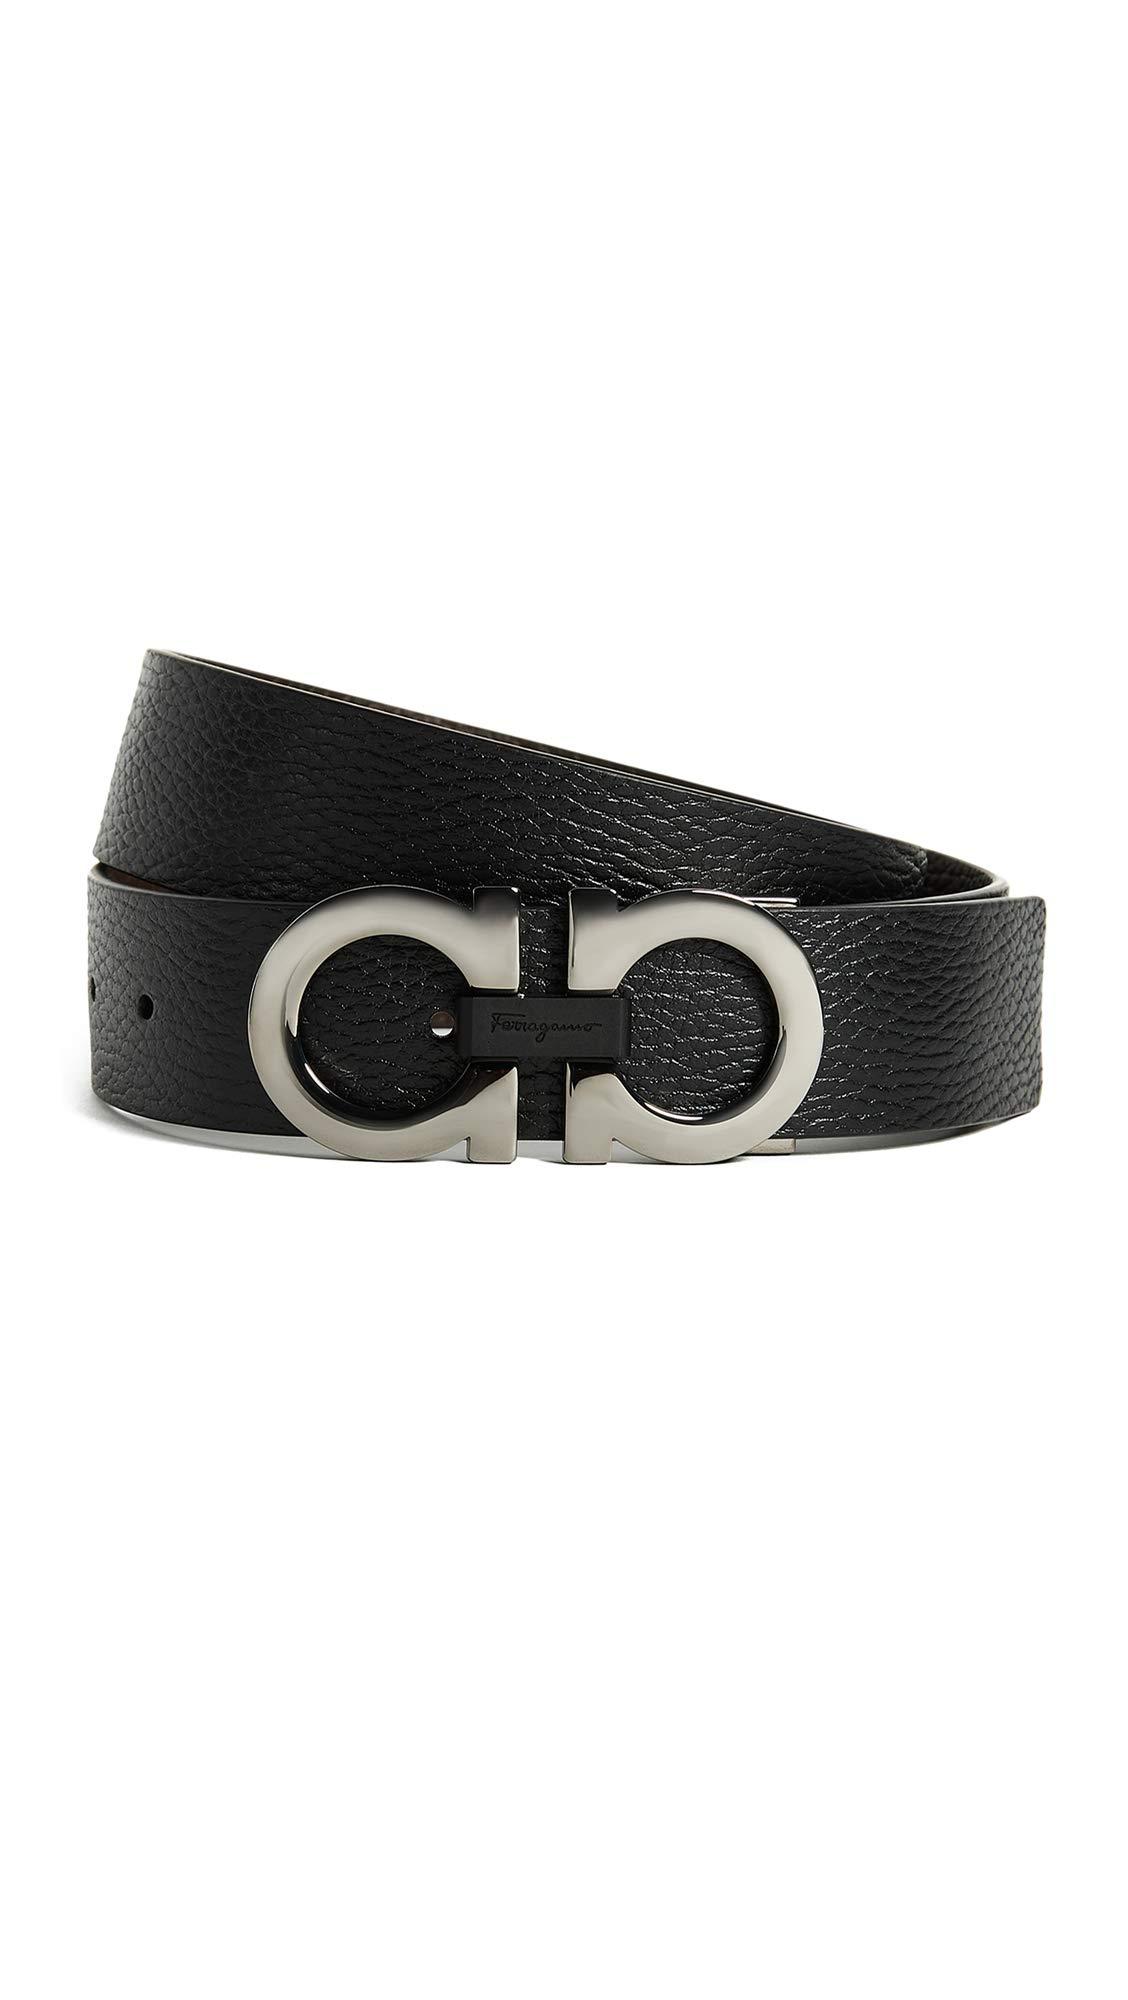 Salvatore Ferragamo Men's Reversible/Adjustable Belt-678783, Nero/Hickory 36